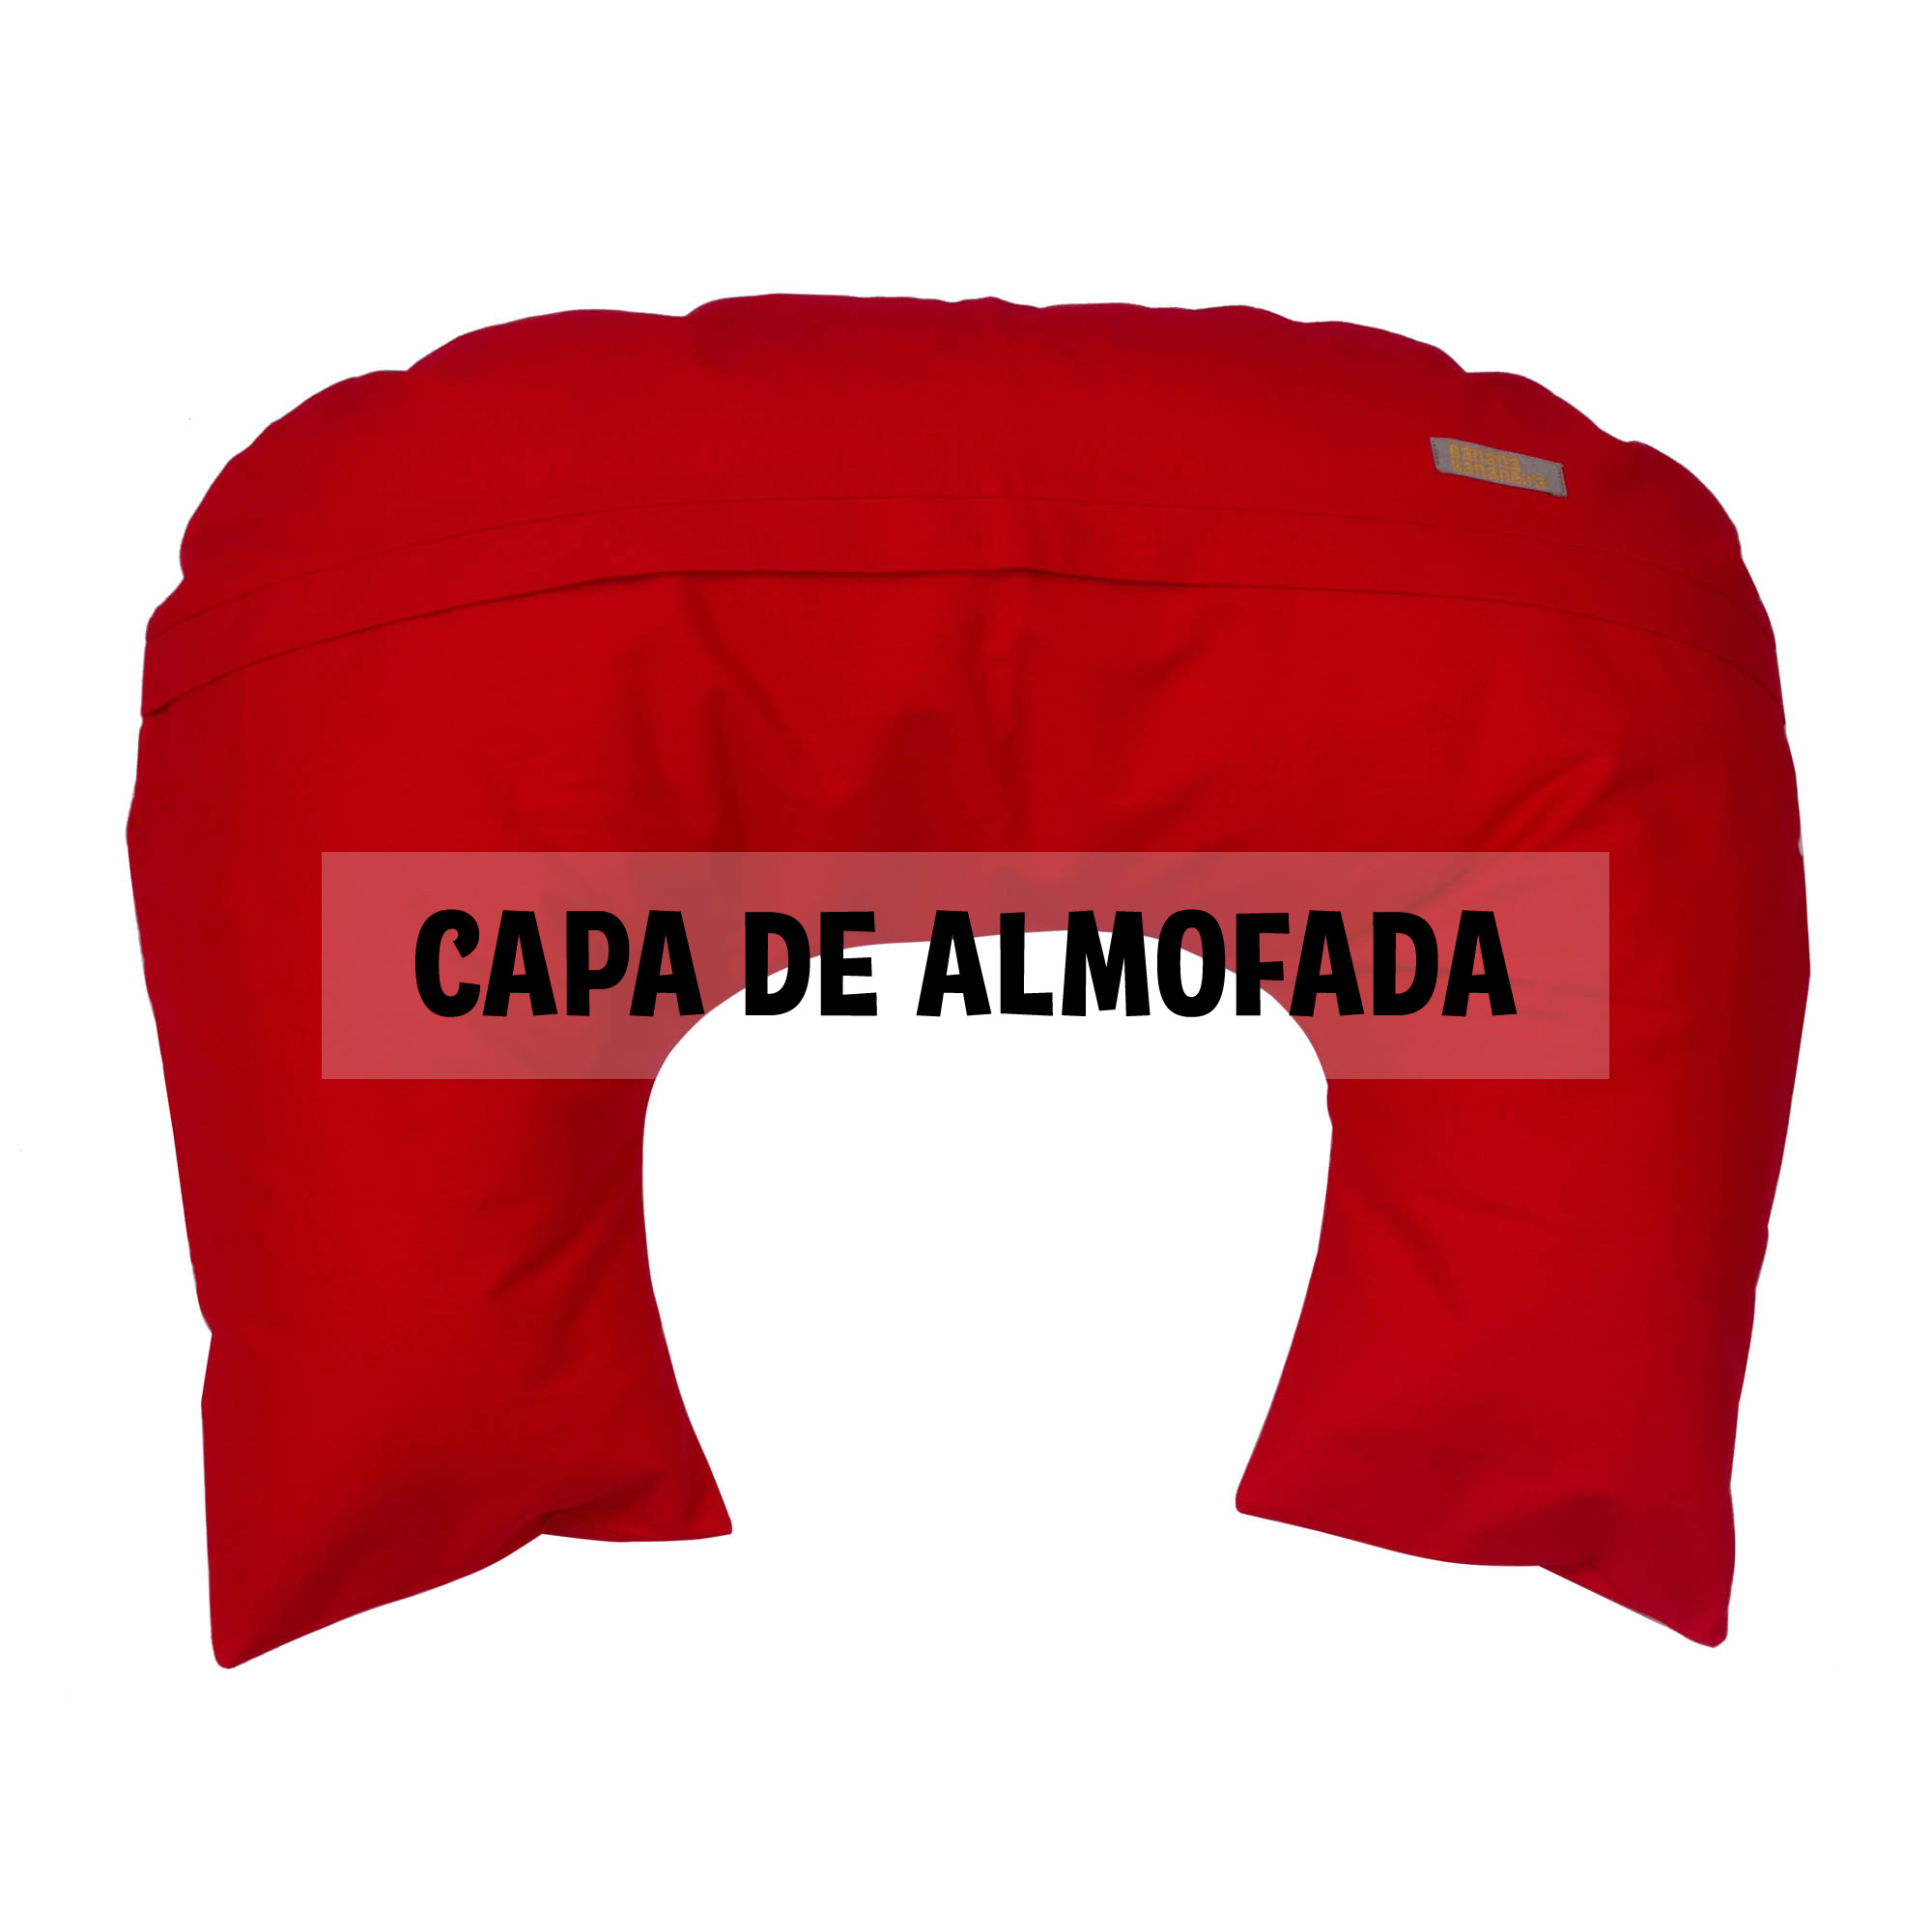 Capa de almofada de amamentação vermelho